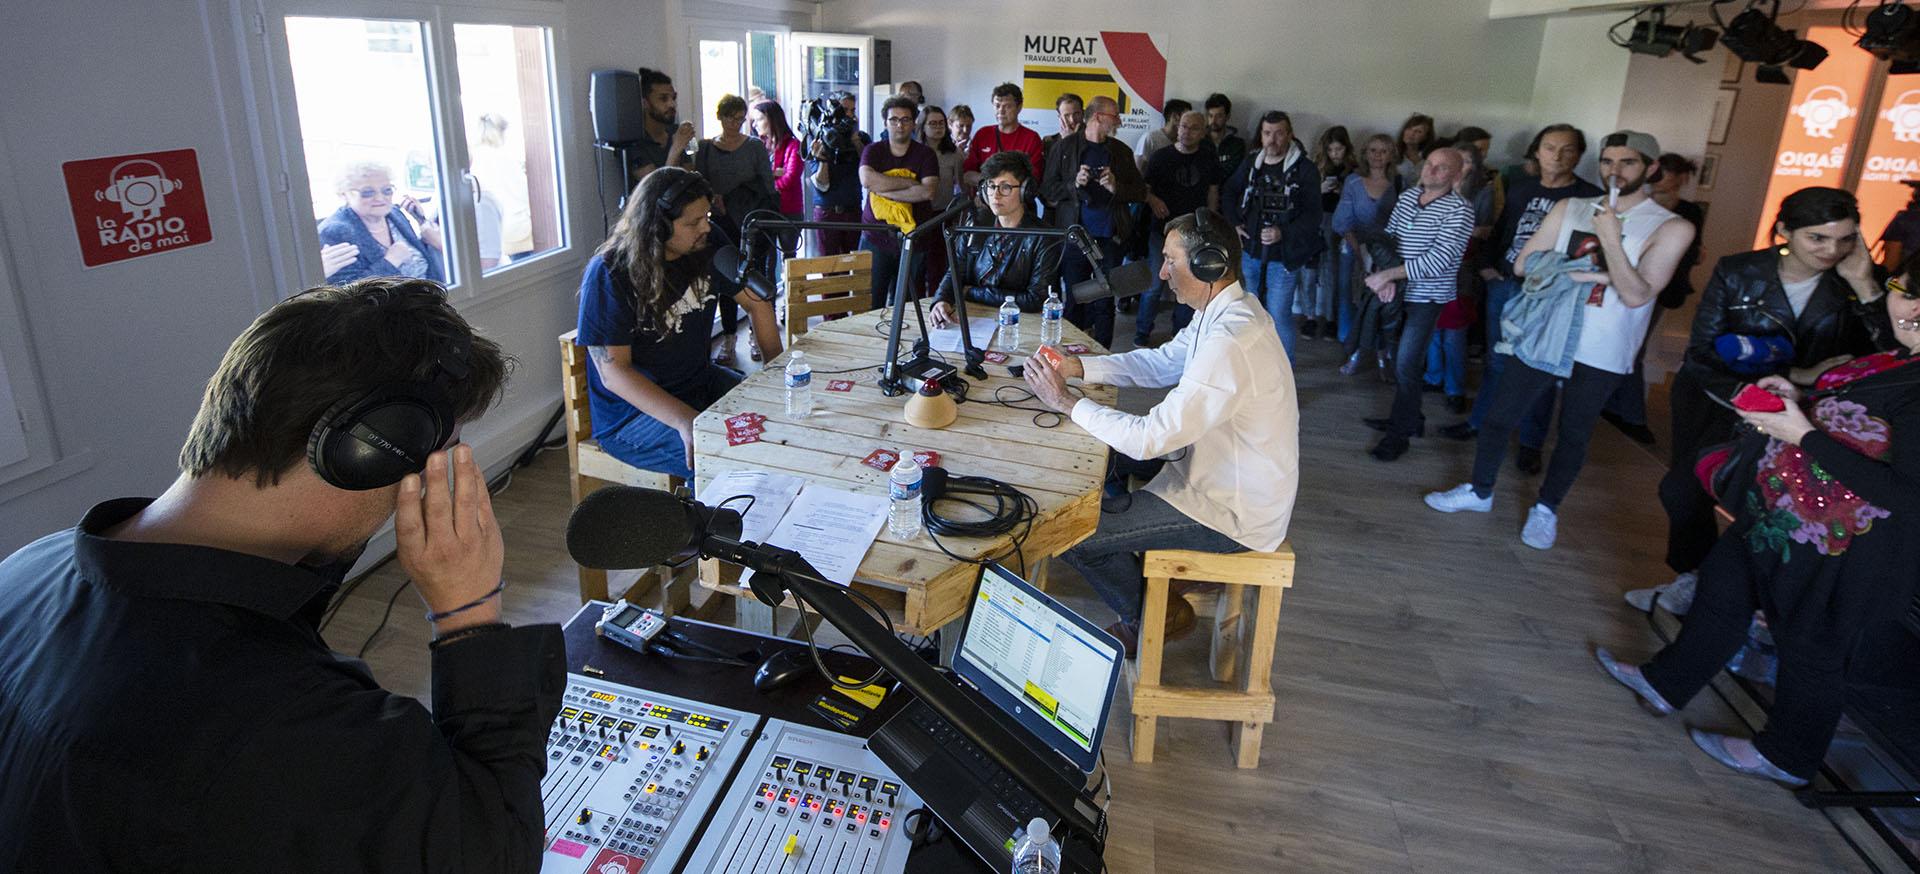 Inauguration de la Radio de Mai